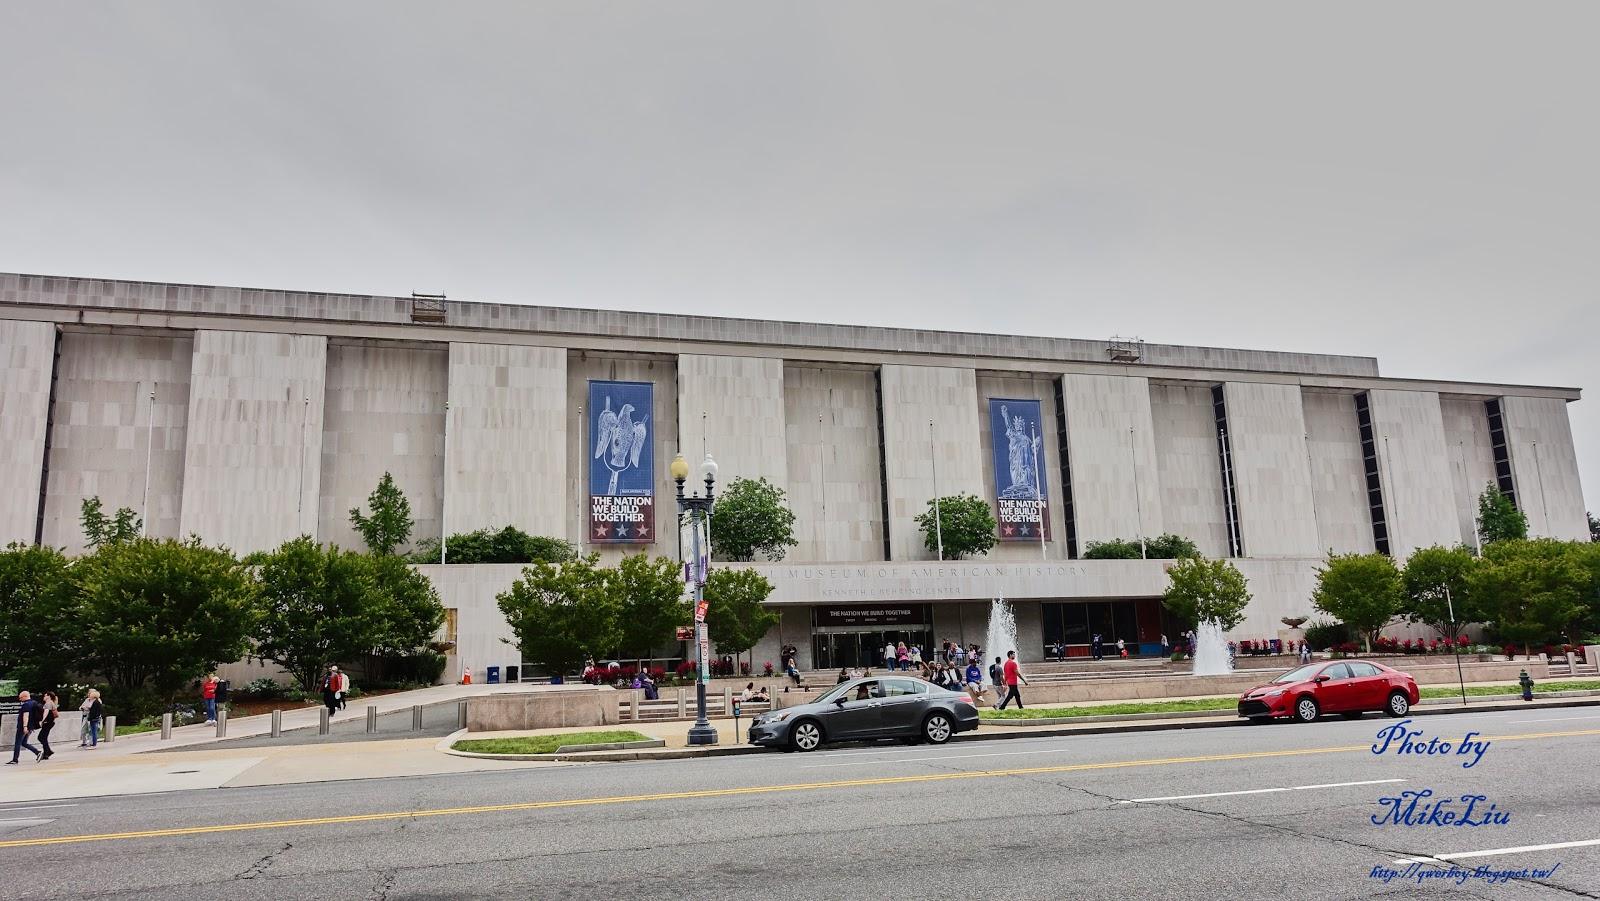 美國國家歷史博物館與美國國立自然史博物館 - 麥克愛旅行